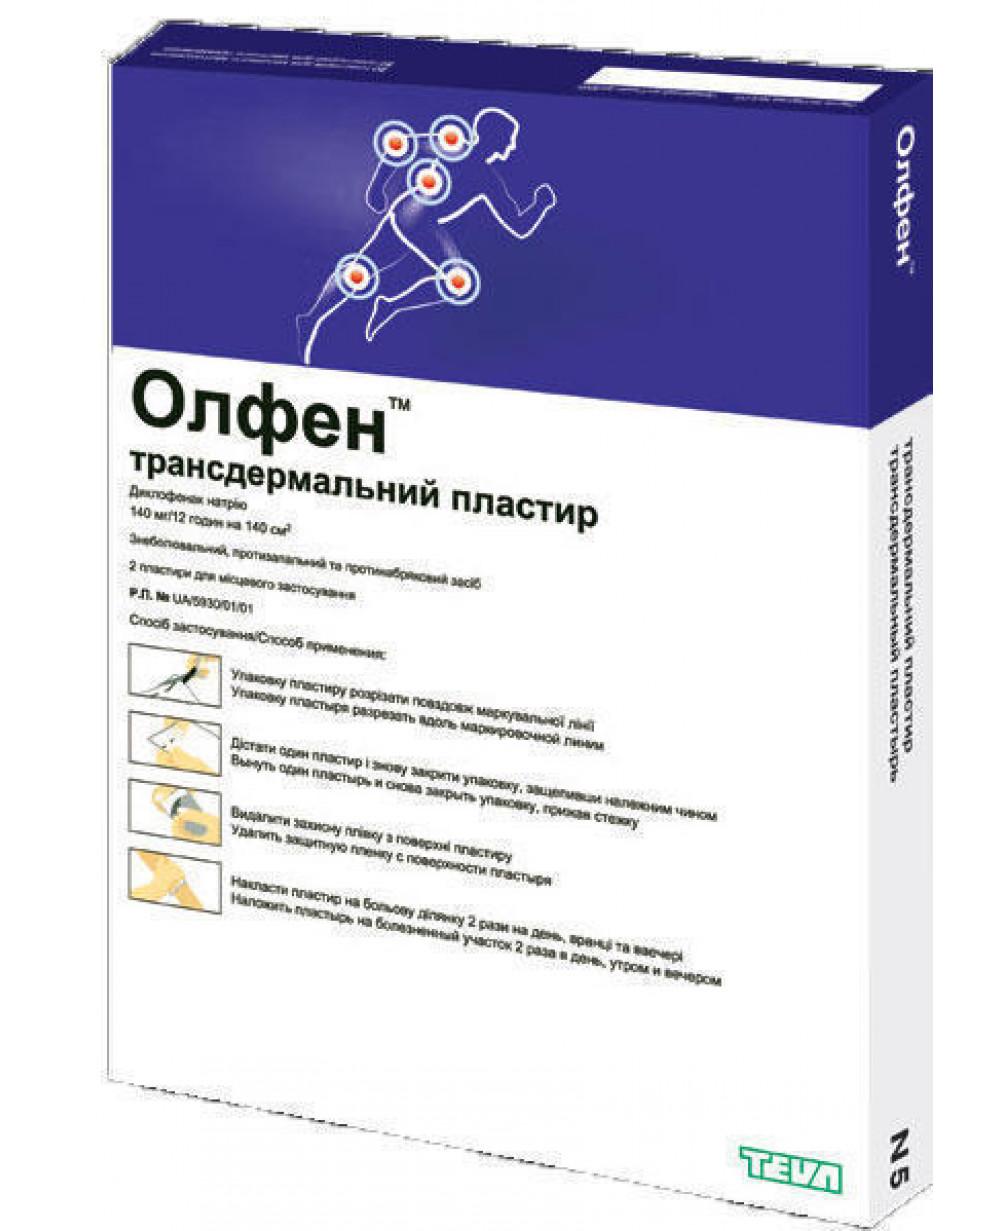 Версатис пластырь n5 – цена 720 руб., купить в интернет аптеке в москве версатис пластырь n5, инструкция по применению, отзывы